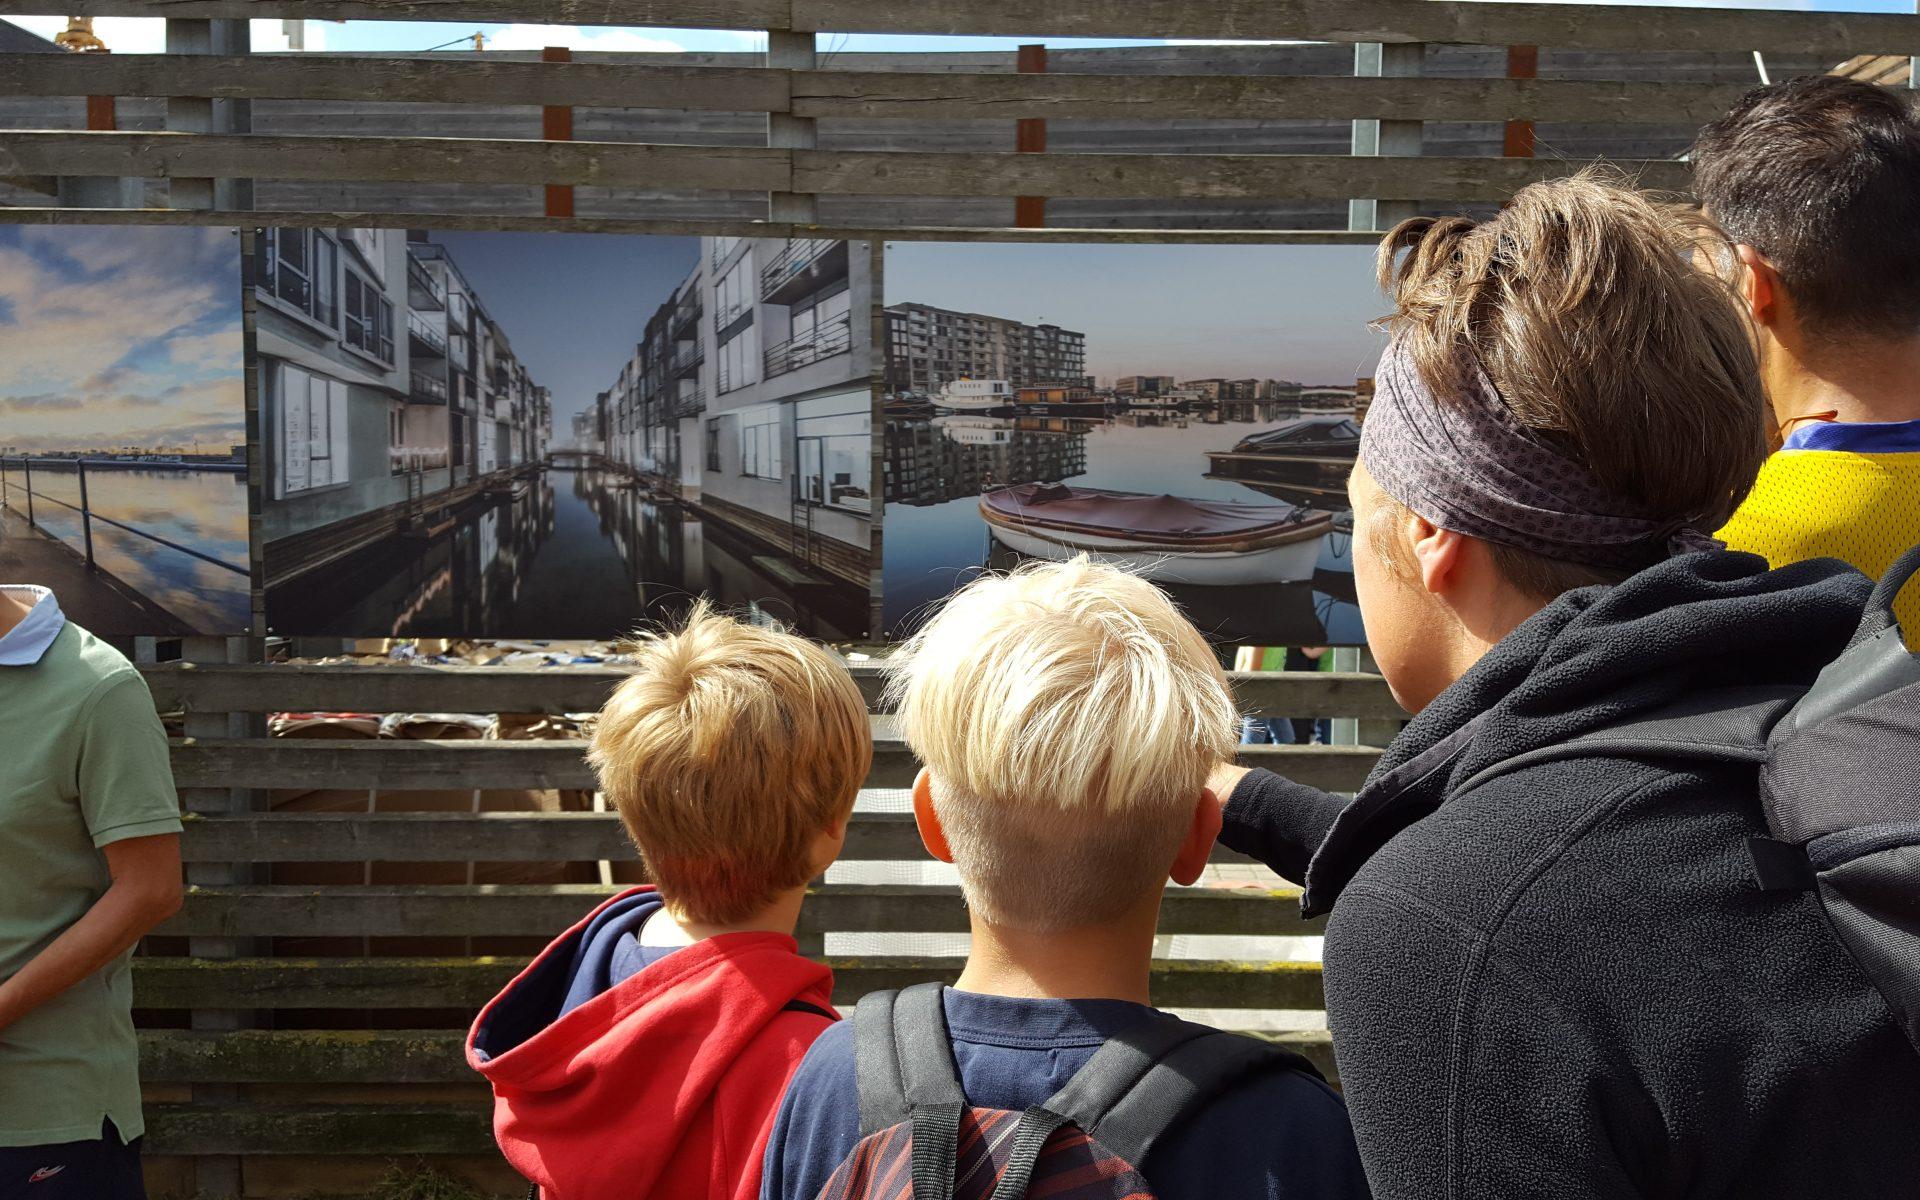 kulturhavn365_sluseholmens-havne-og-kanalfestival06